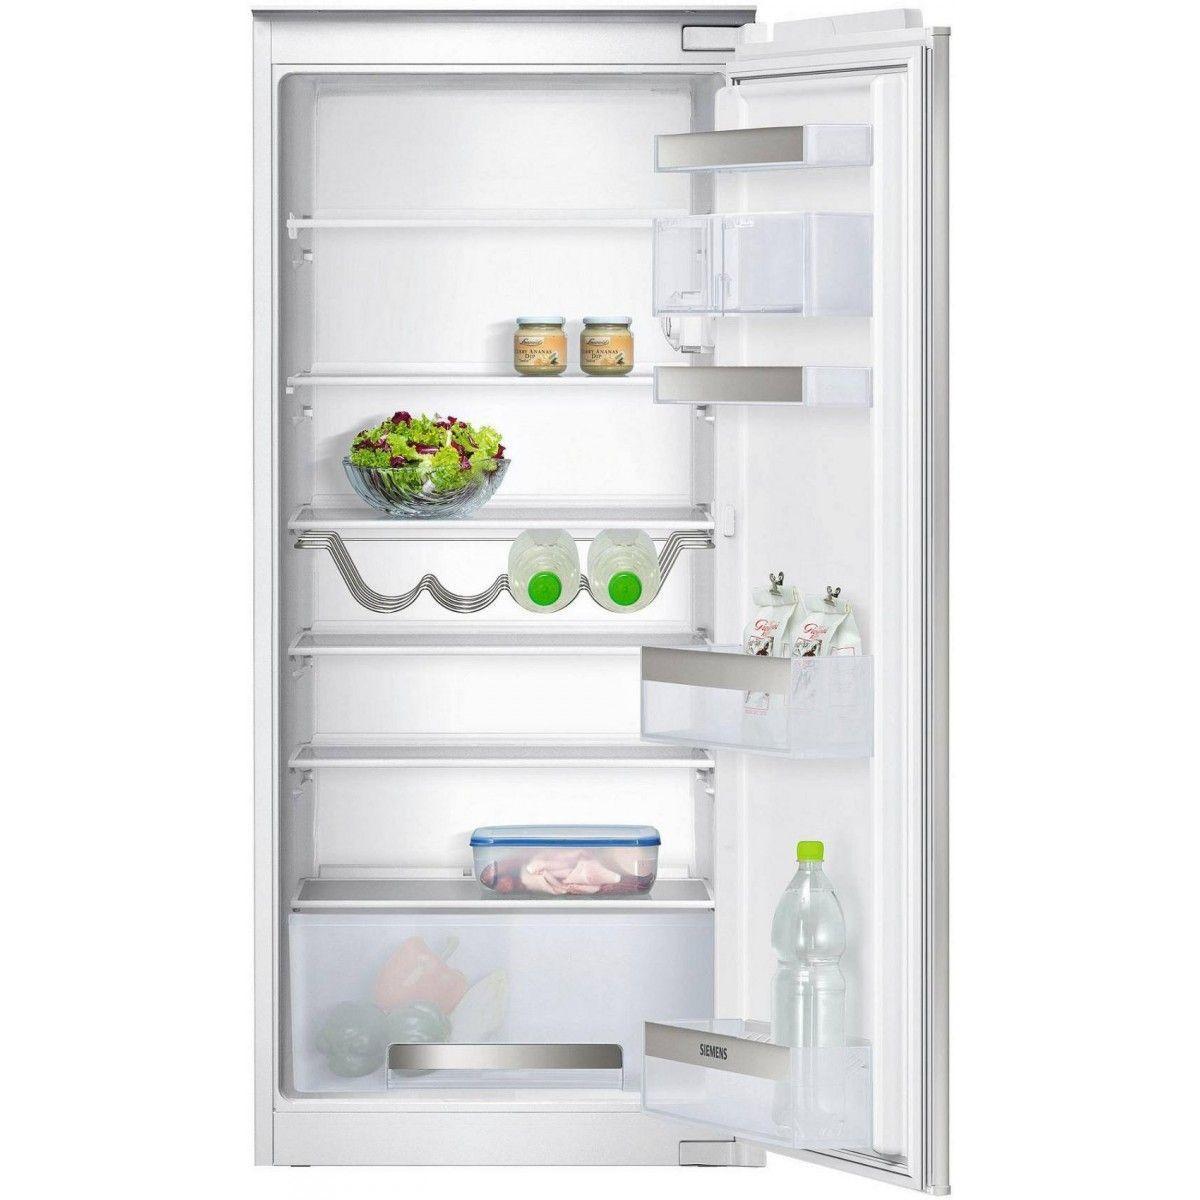 Achat Réfrigérateur Intégrable Pixmania